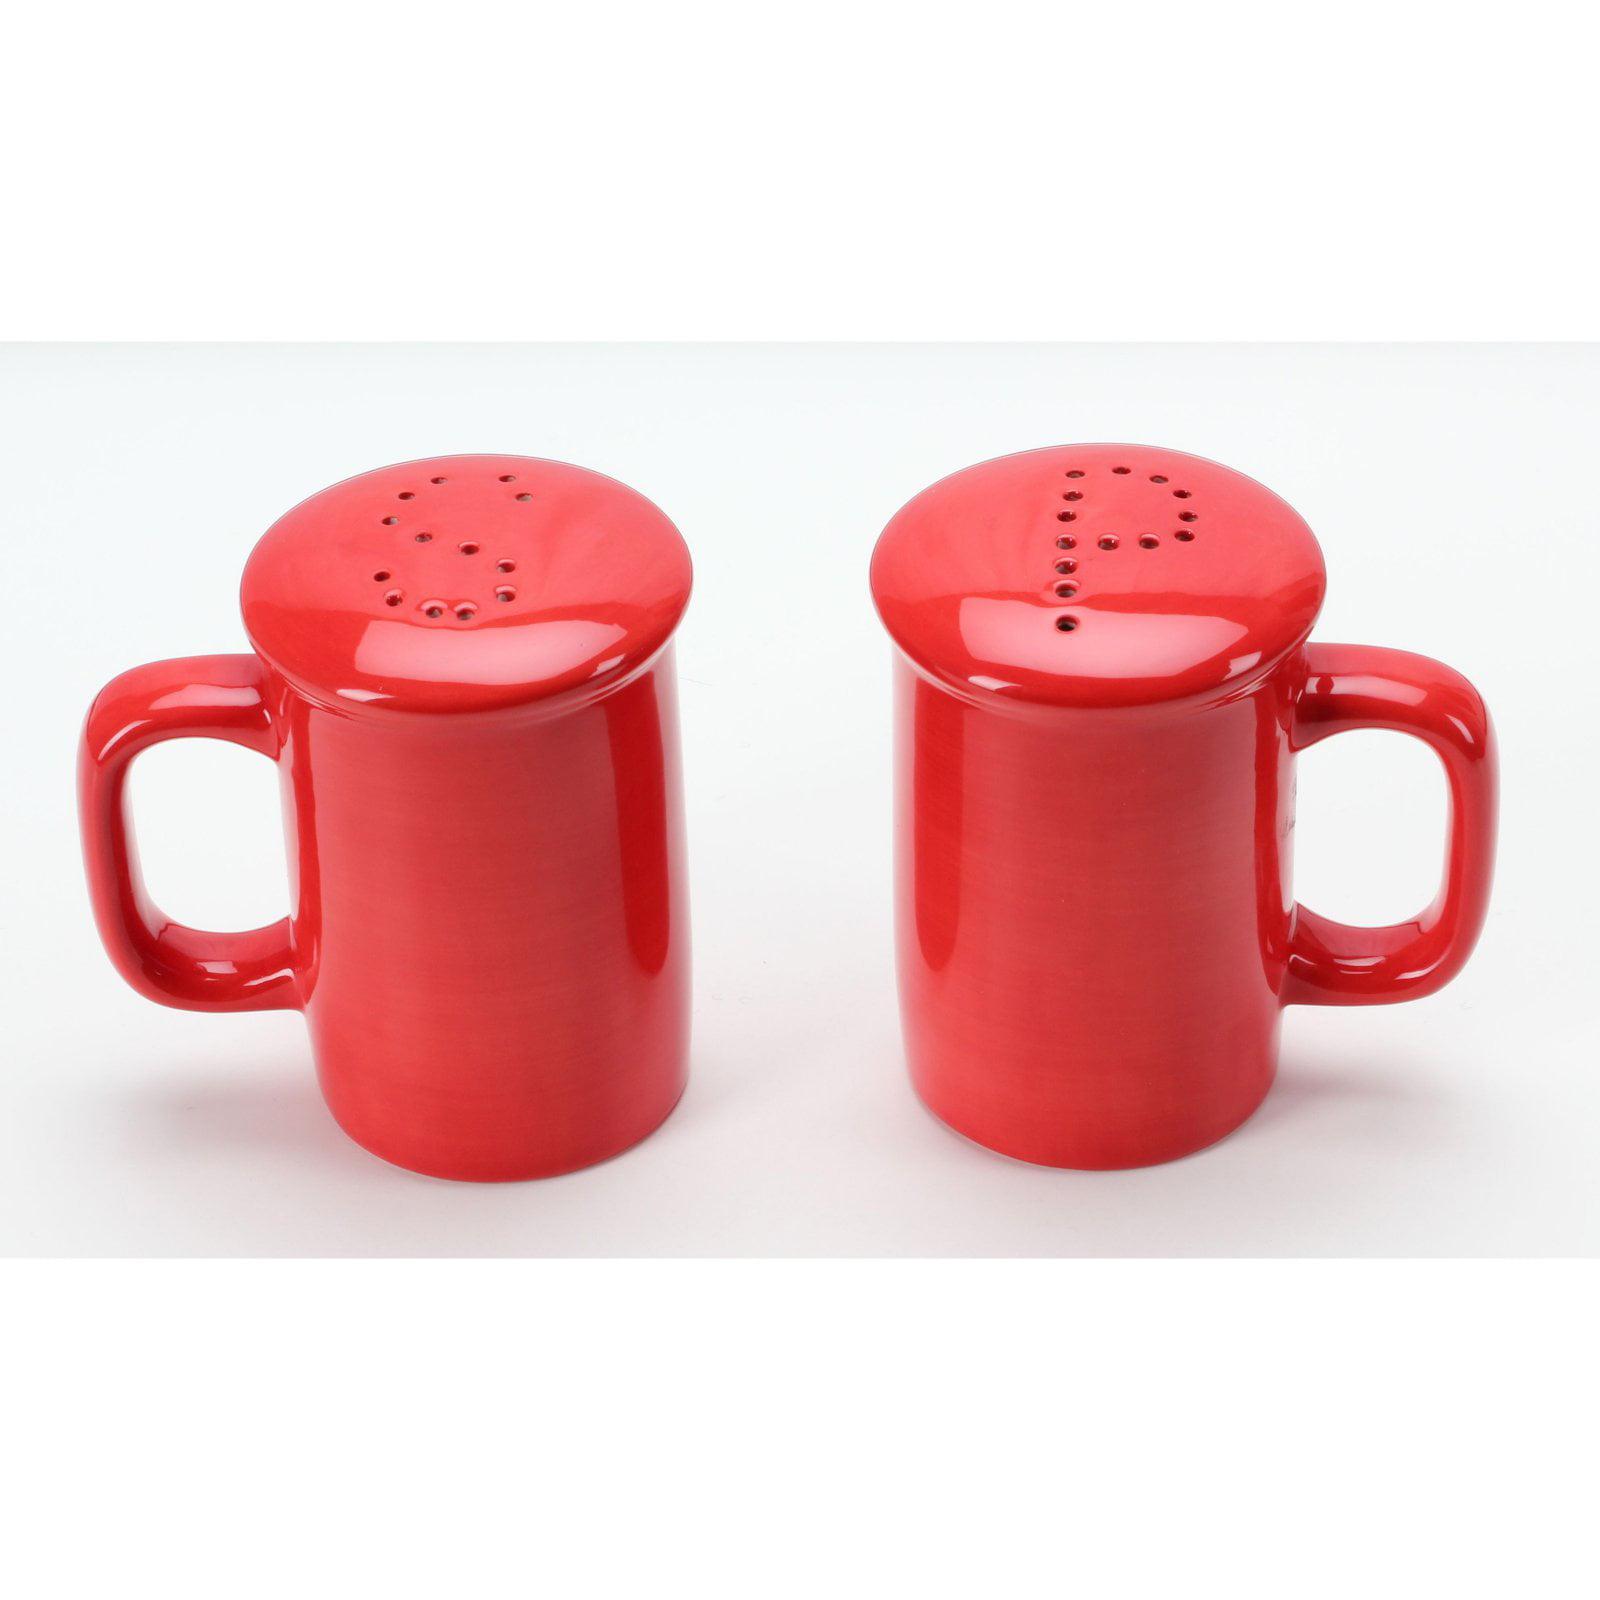 Omniware Handled Salt and Pepper Shaker Set